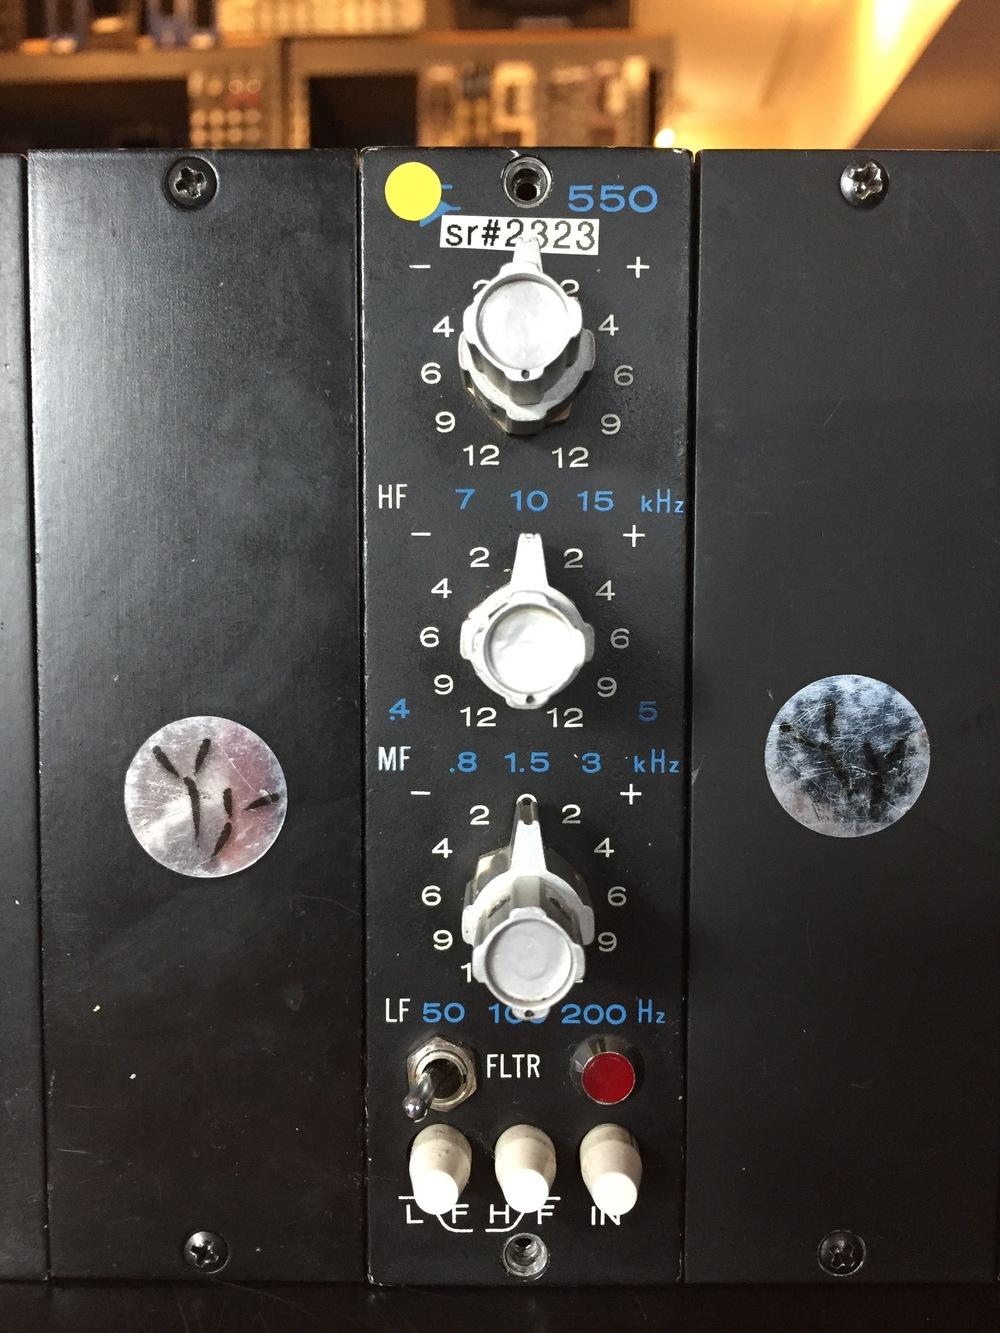 API 550